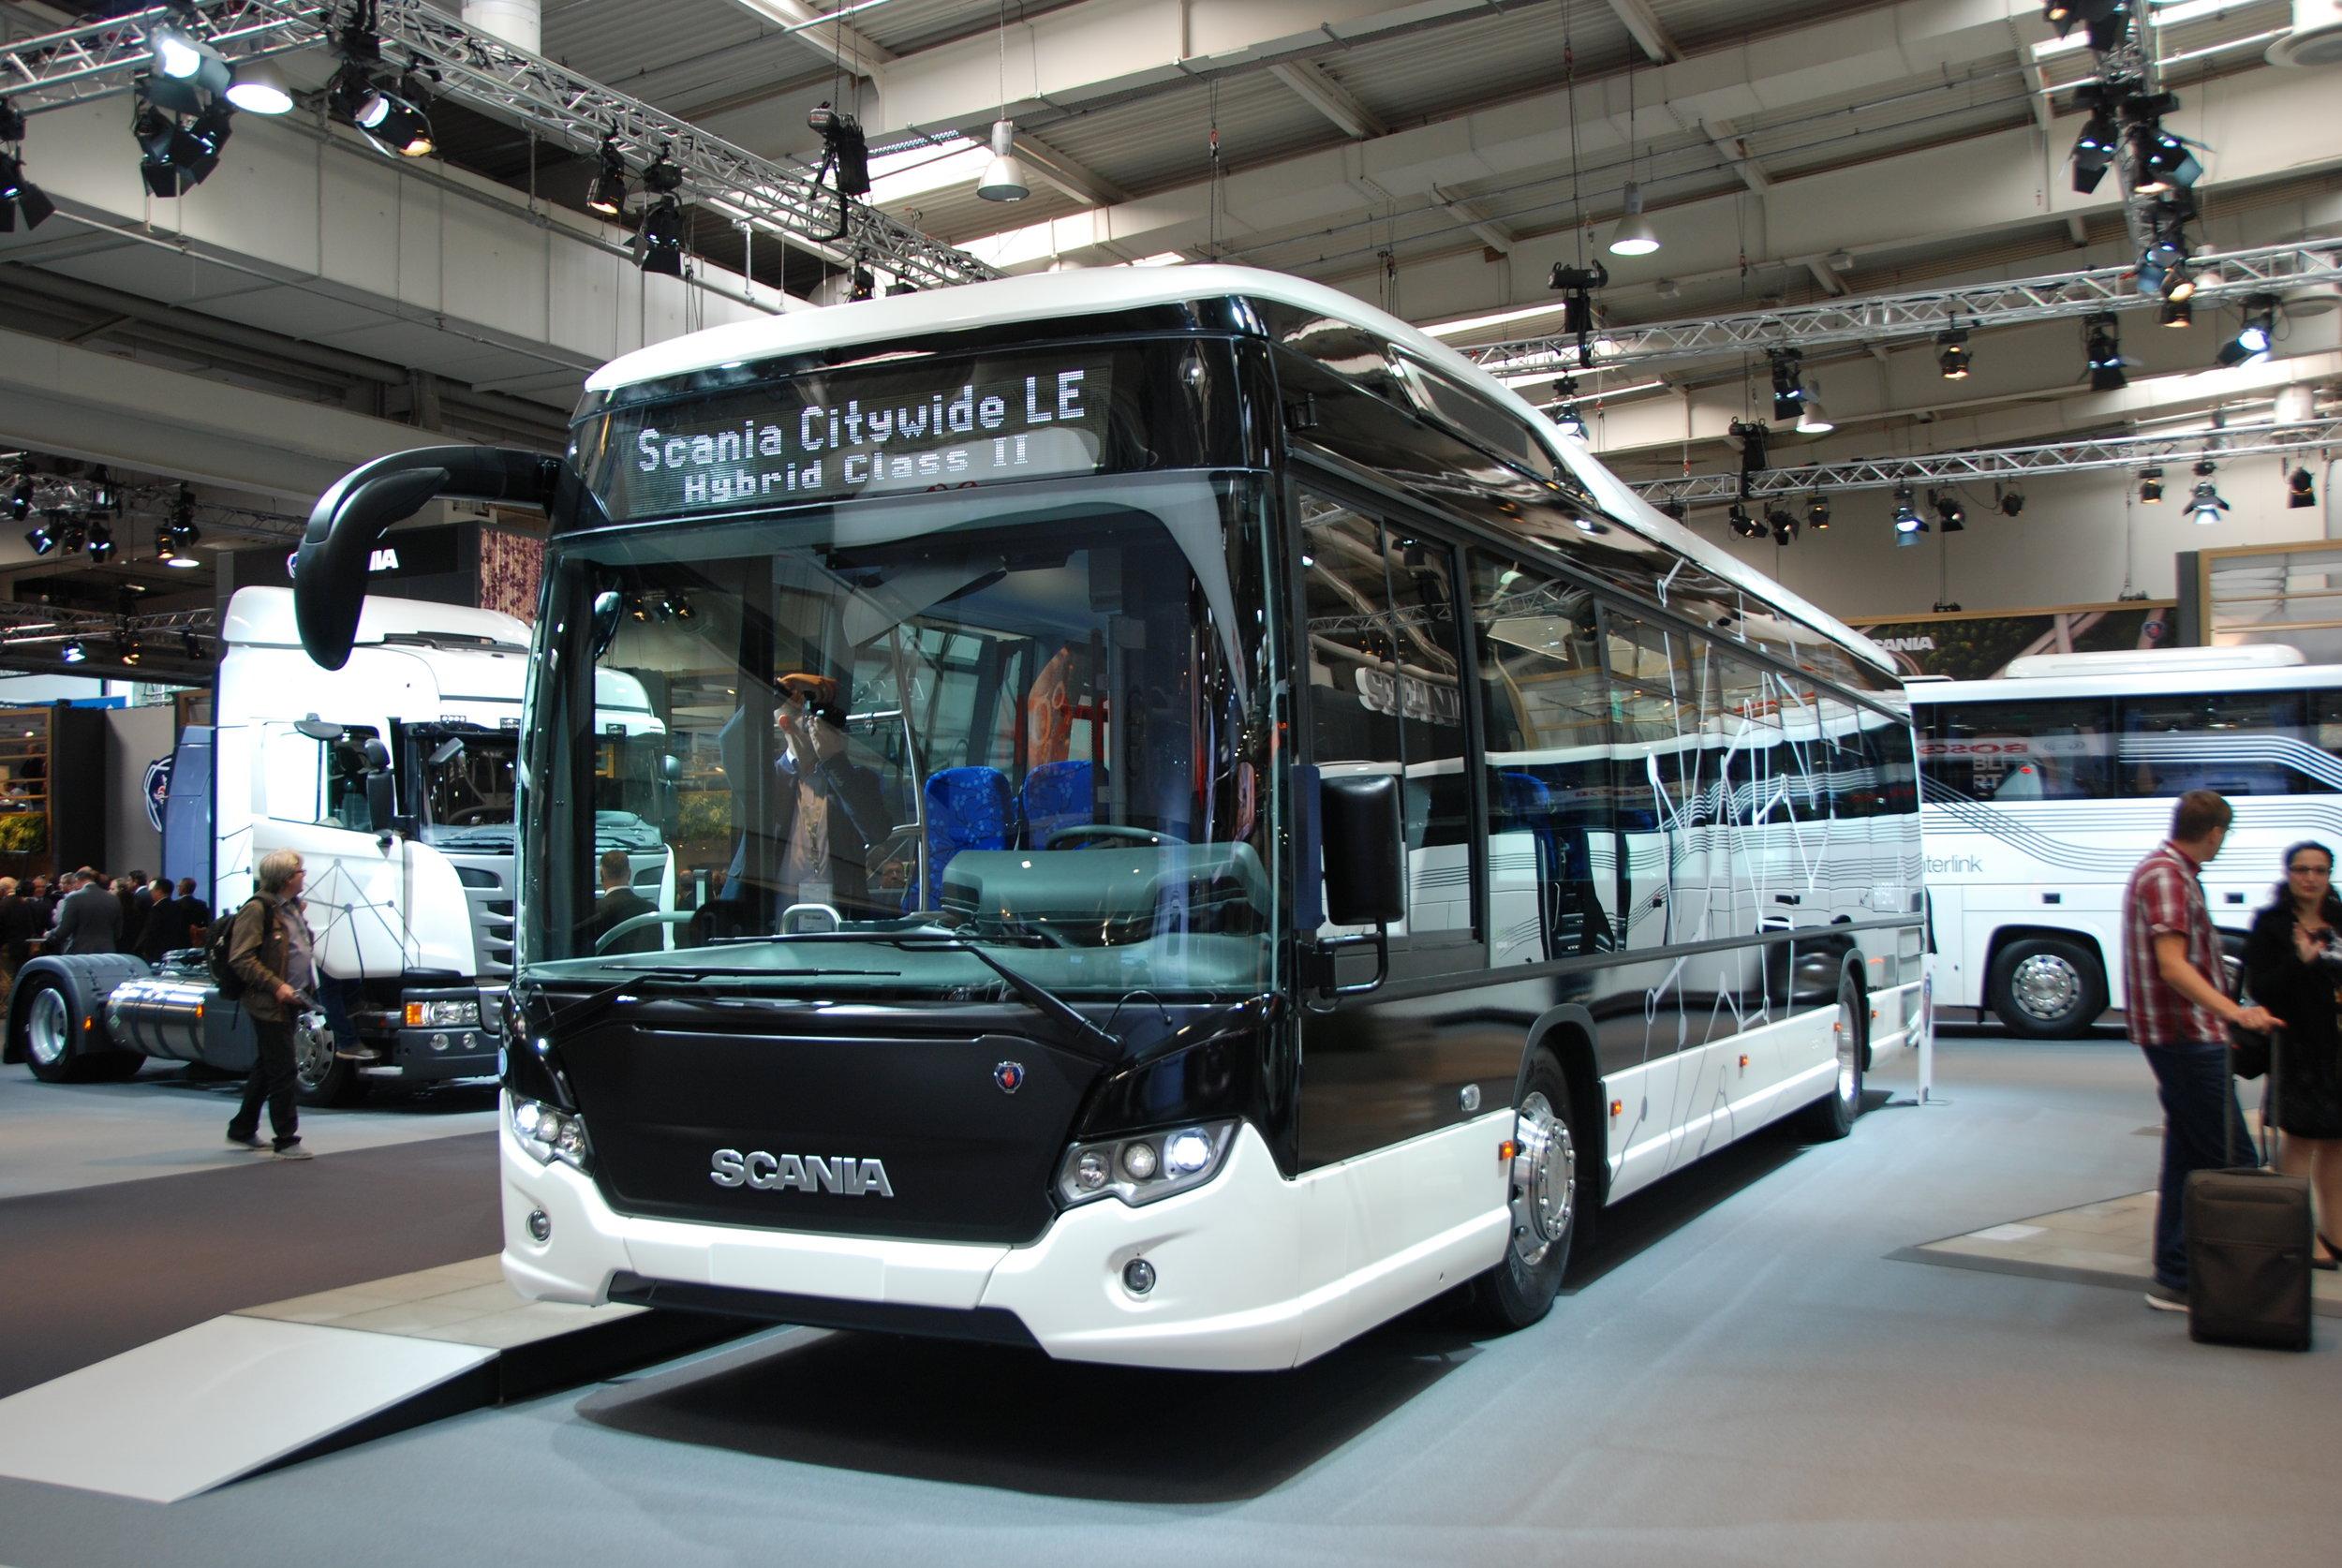 Hybridní Scania Citywide LE. Scania měla na veletrhu jednu z nejlépe provedených tiskových konferencí. (foto: Libor Hinčica)